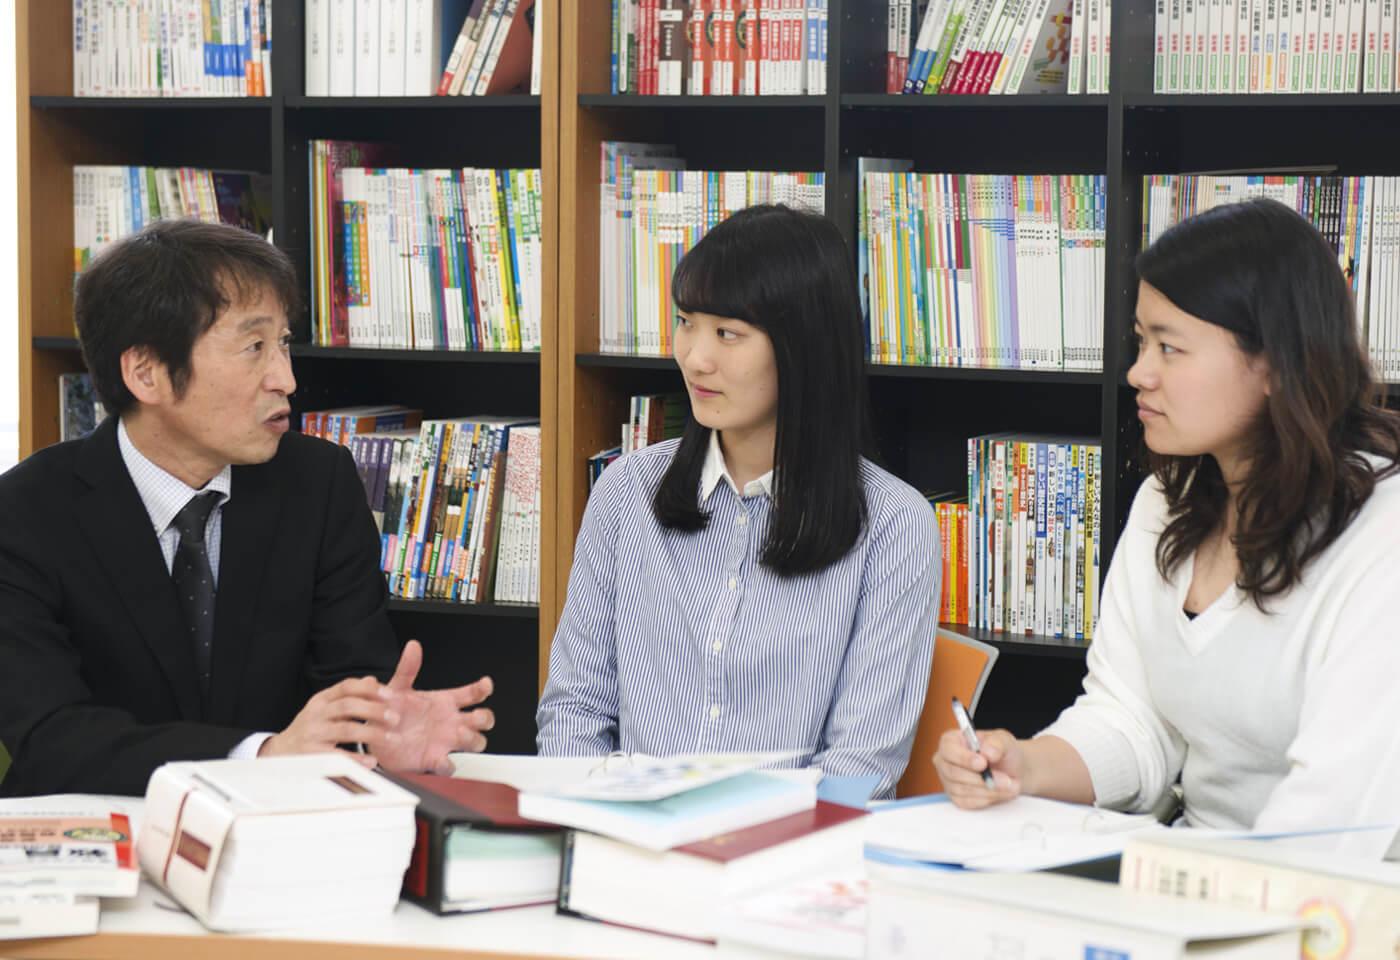 全学科で教員免許が取得可能 イメージ